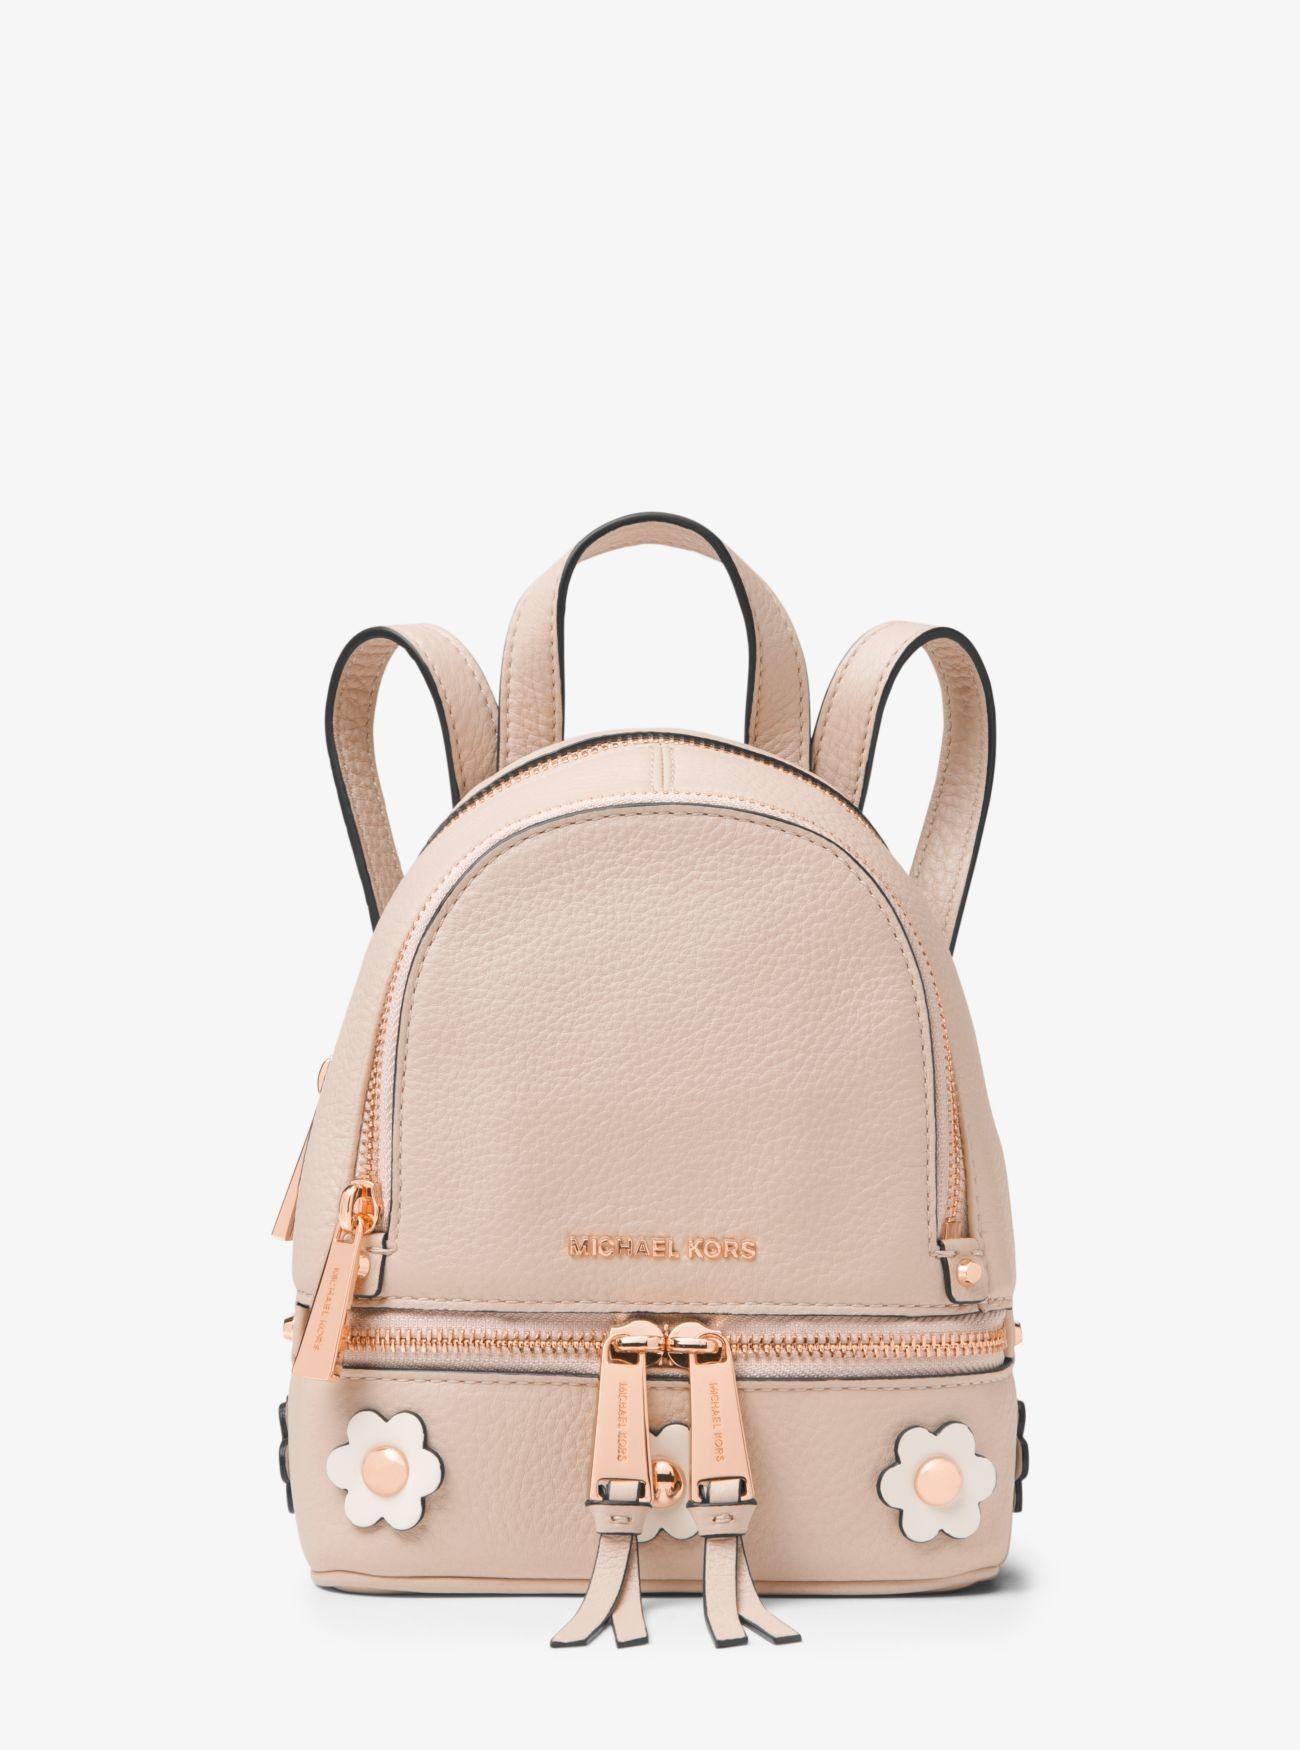 ee2b29274bdc Buy Michael Kors Sftpnk/Ltcrm Rhea Mini Floral Appliqué Leather Backpack  Cheap Sale